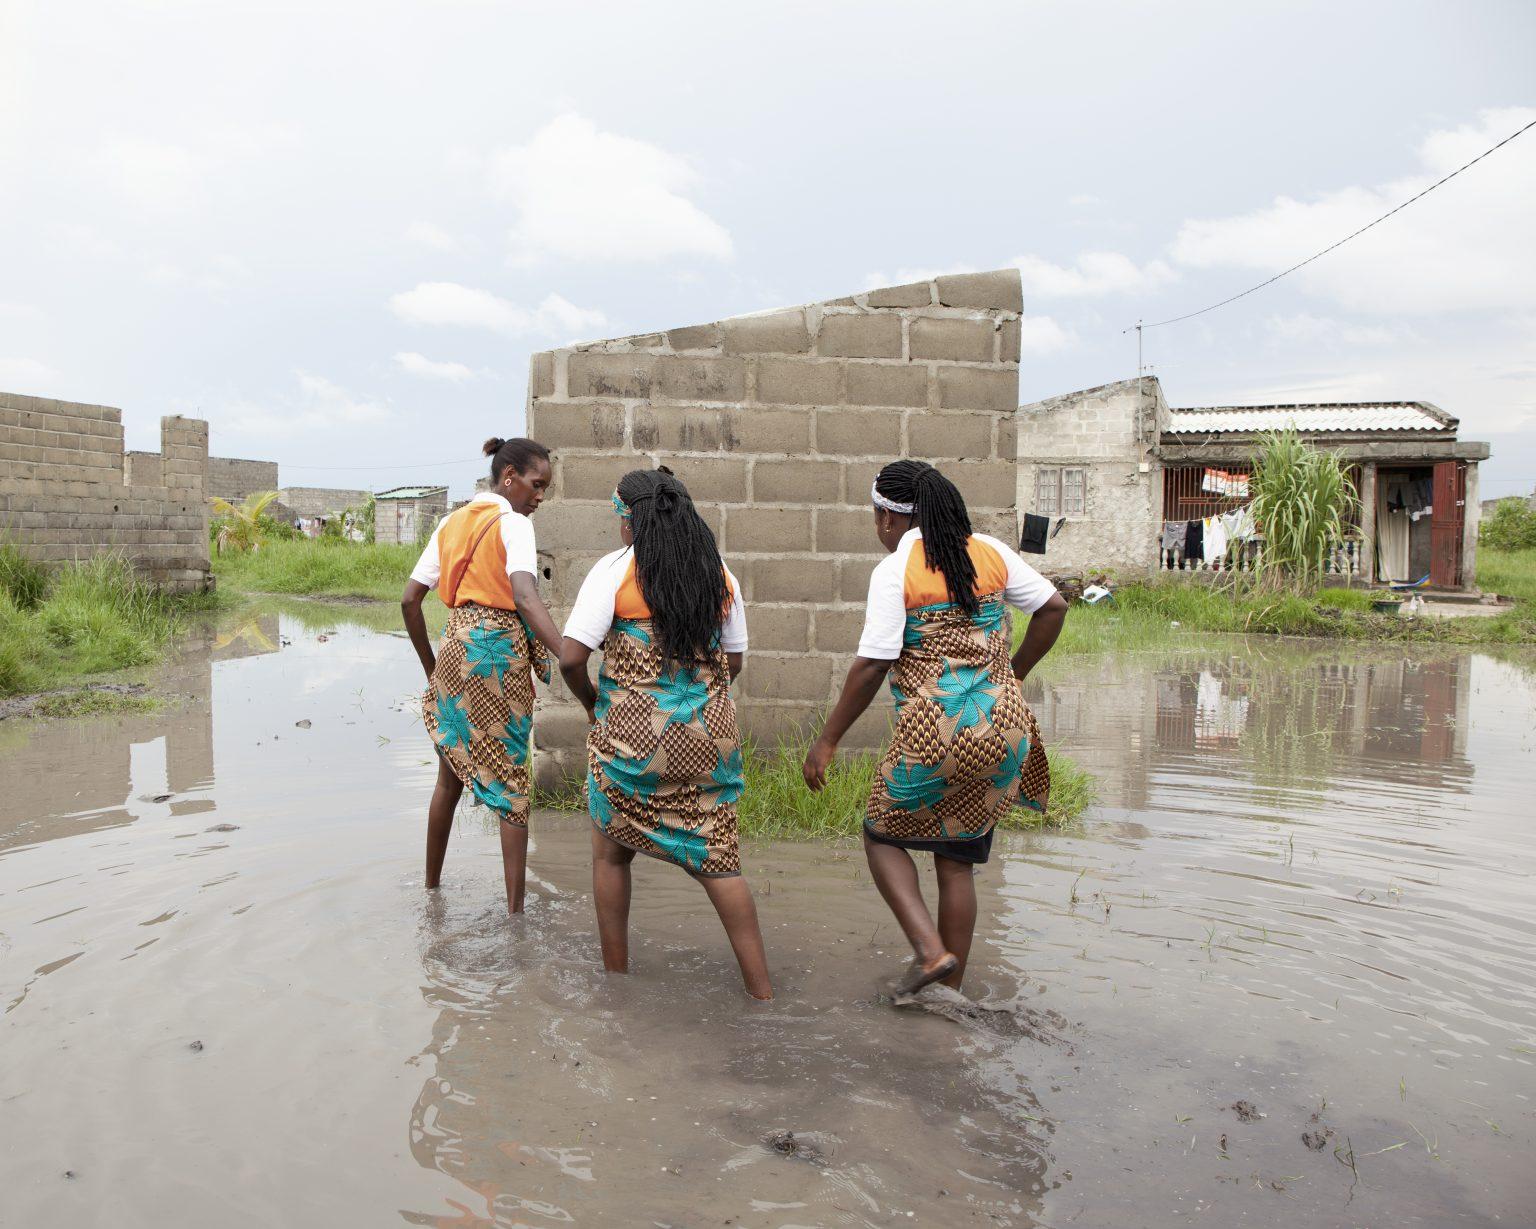 Beira (Mozambique). In the suburban area of Macurungo, women of the Kuplumussana association are engaged in their main activity: the recovery of Hiv-positive women and children to antiretroviral therapy, providing them an economic and psychosocial support, sometimes including food. Born as a spontaneous group of Hiv-positive women, they have been the first women ever, in Mozambique, to publicly declare, and without any shame, to be Hiv-positive.  ><  Beira (Mozambico). Nel quartiere periferico di Macurungo, le donne dell'associazione Kuplumussana sono impegnate nella loro attività principale: il recupero alla terapia antiretrovirale di donne e bambini sieropositivi, fornendo loro sostegno economico e psicosociale, talvolta anche alimentare. Nate come gruppo spontaneo di donne sieropositive, sono state le prime donne in Mozambico a dichiarare pubblicamente e senza vergogna di essere sieropositive.